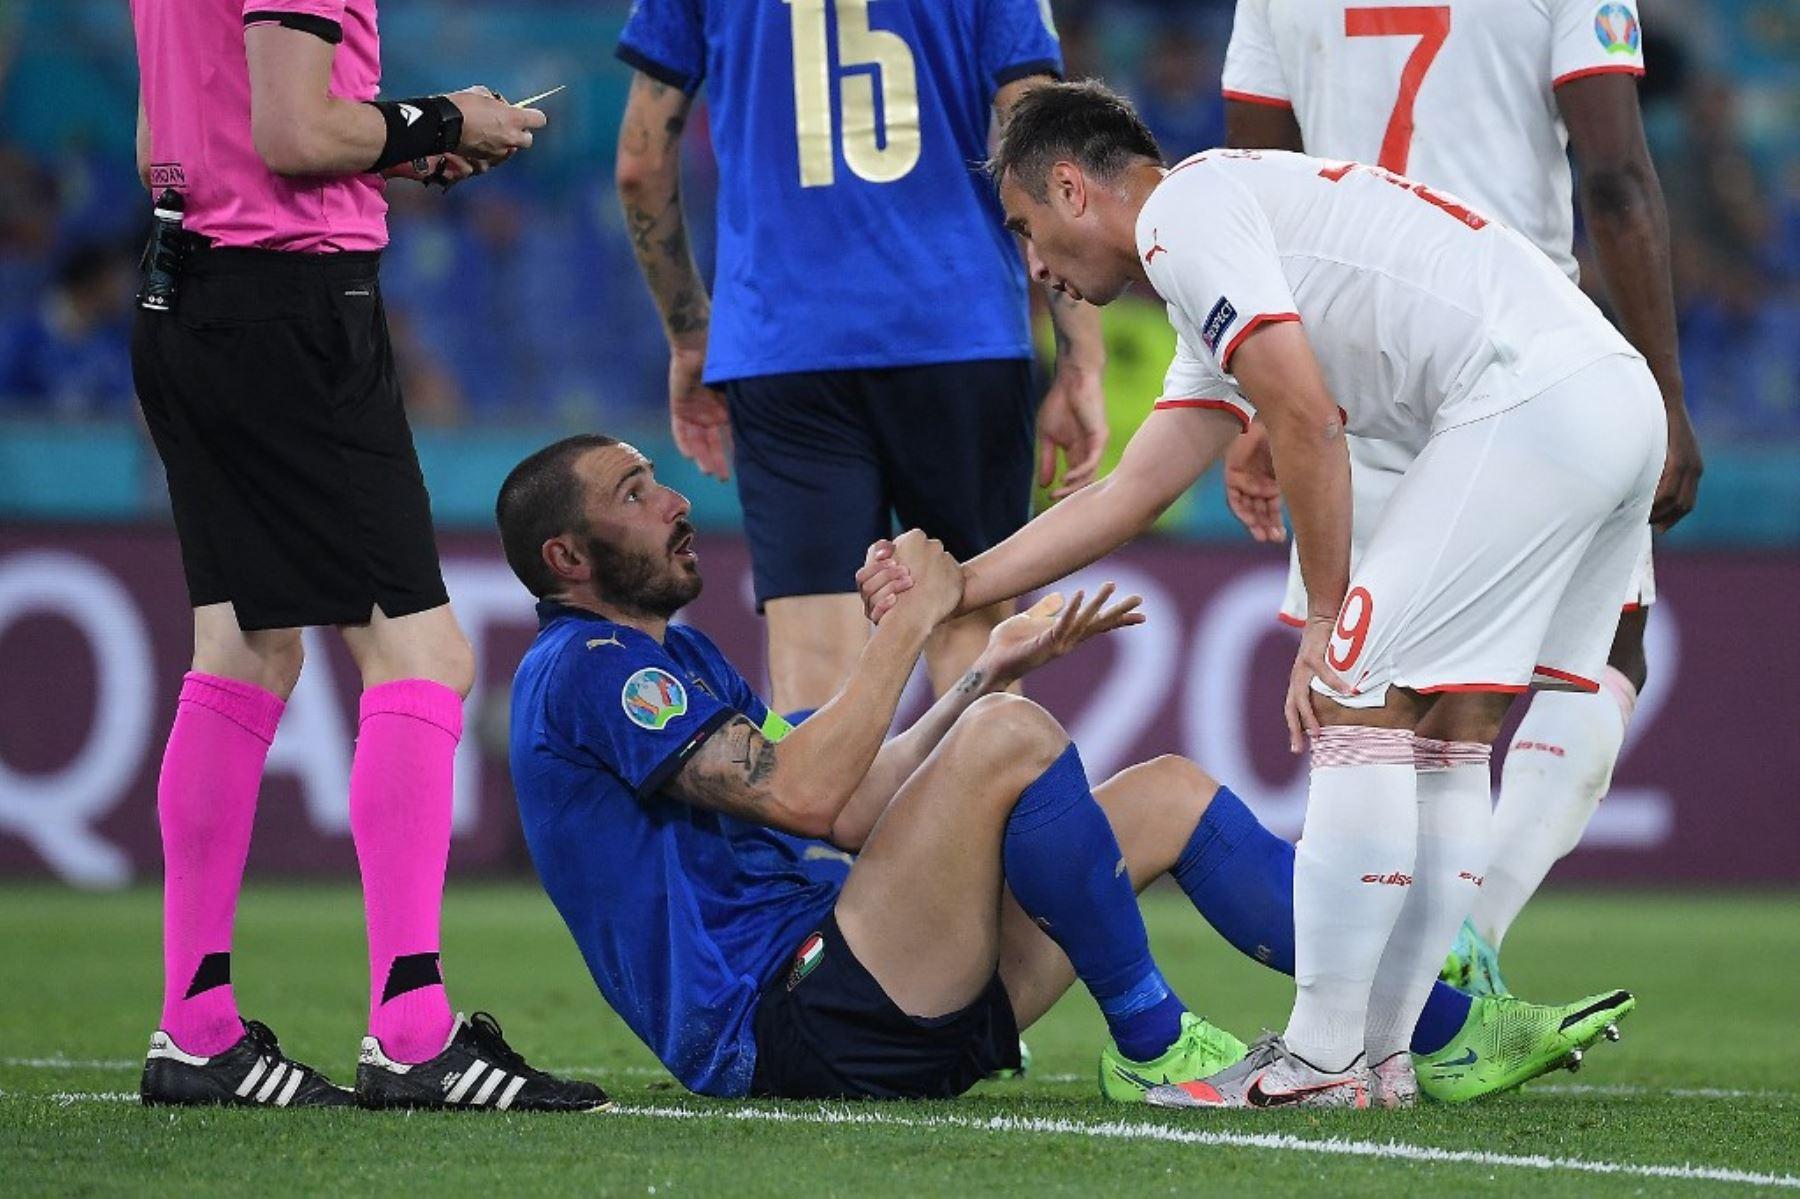 El defensa italiano Leonardo Bonucci (C) es ayudado a ponerse de pie por el delantero suizo Mario Gavranovic (R) durante el partido de fútbol del Grupo A de la UEFA EURO 2020 entre Italia y Suiza en el Estadio Olímpico de Roma el 16 de junio de 2021. Foto: AFP